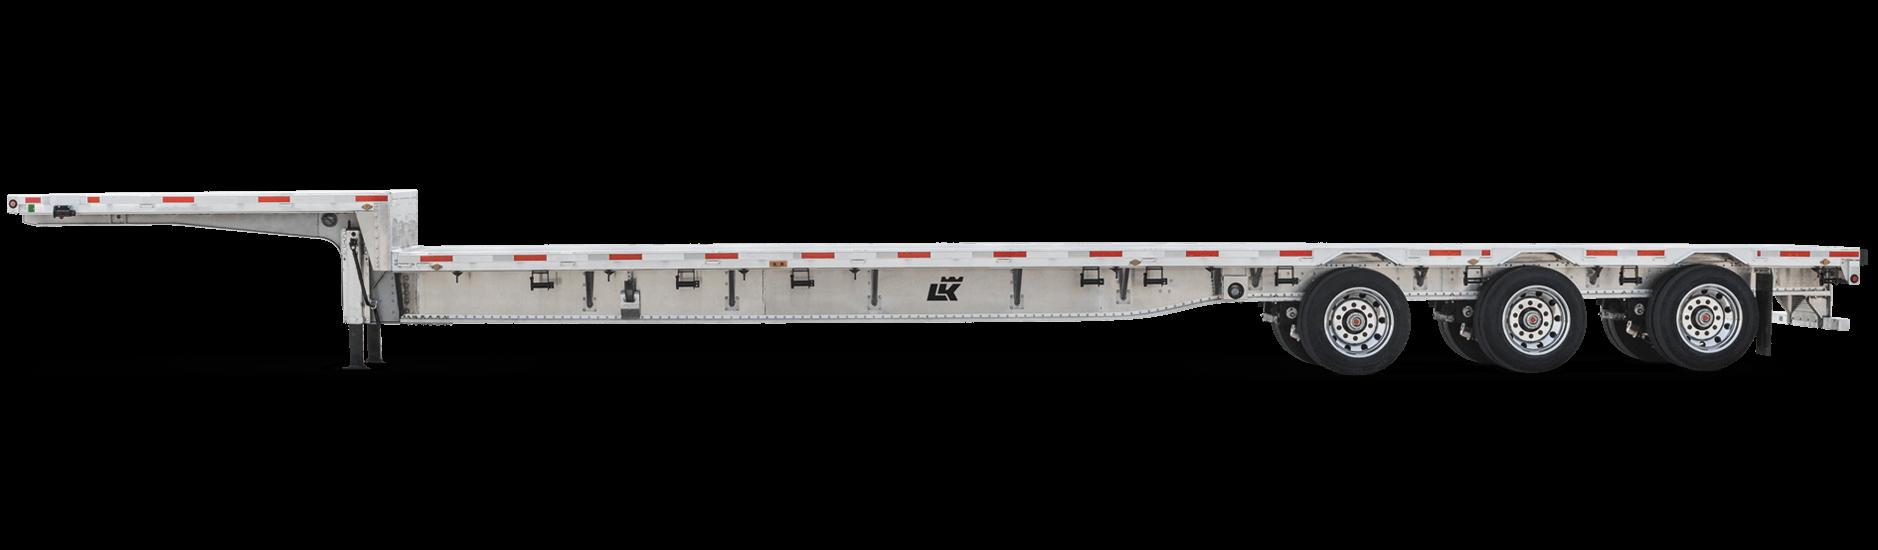 tri-axle configuration